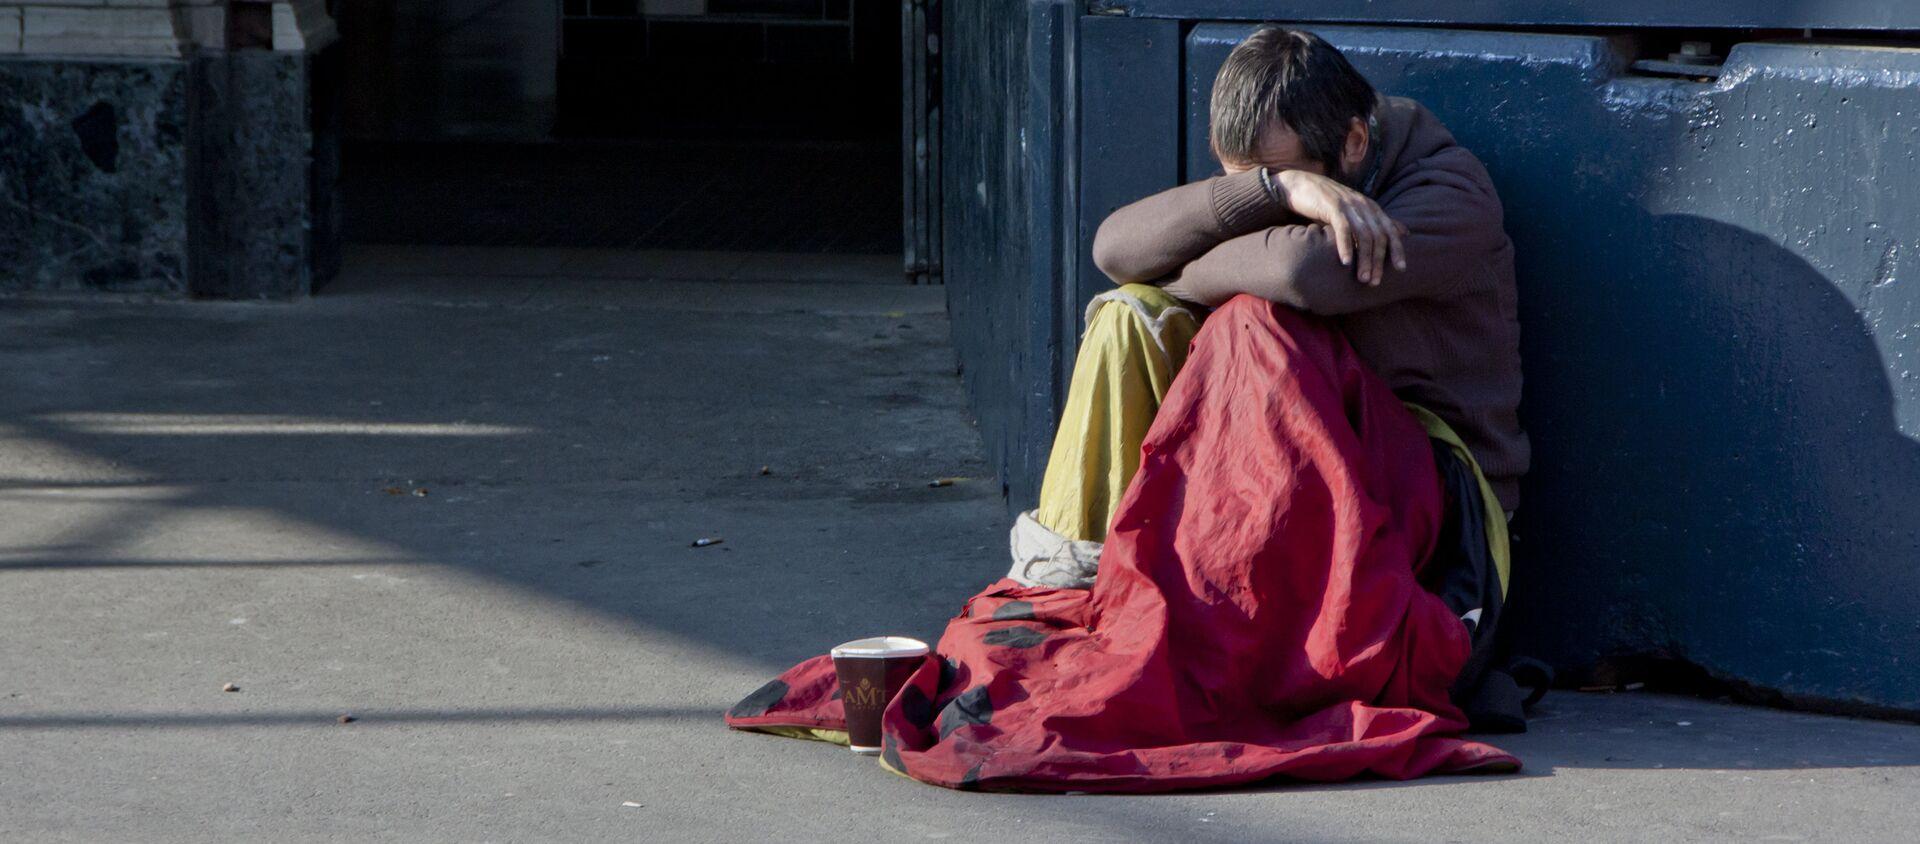 Một người vô gia cư trên đường phố. - Sputnik Việt Nam, 1920, 02.06.2020